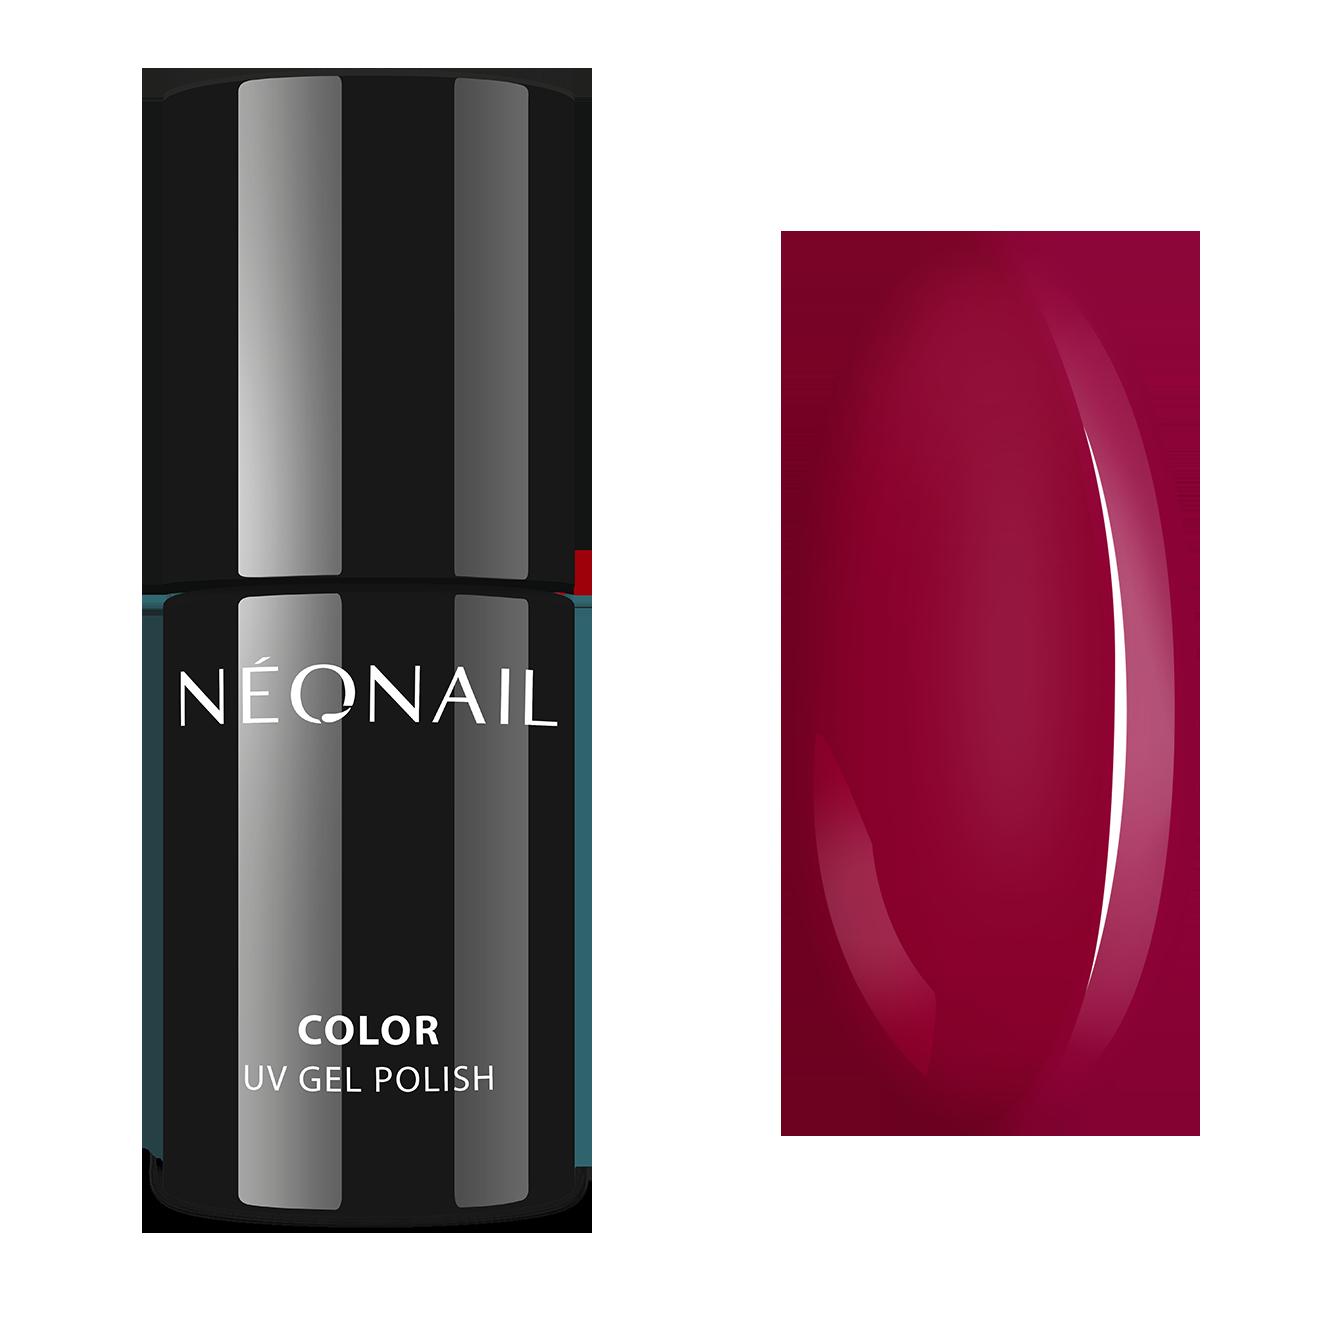 share love neonail